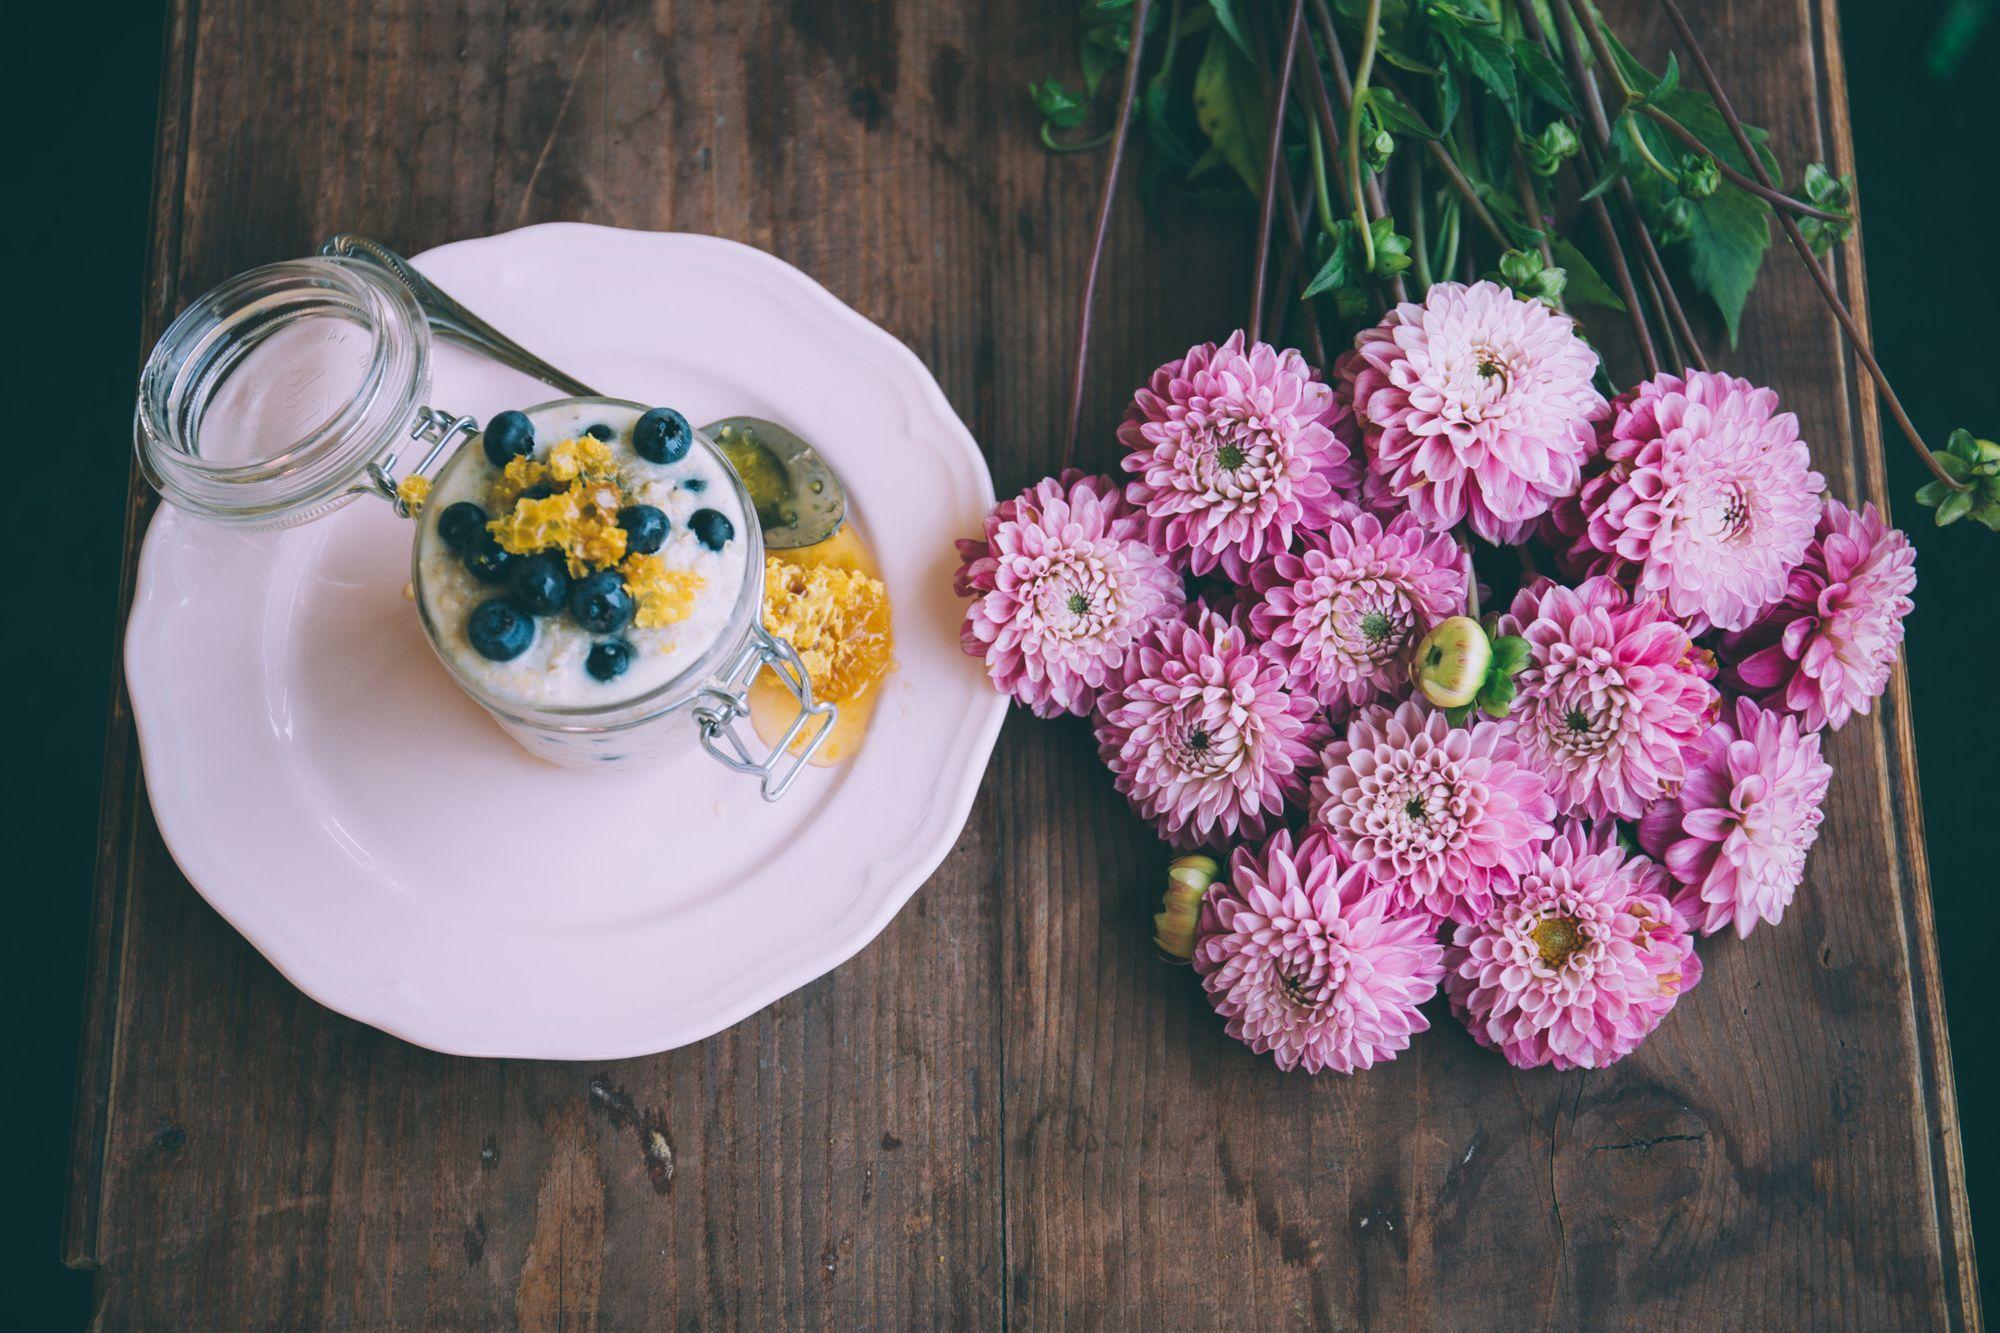 Zdrowe odżywianie i pielęgnacja? Warto!